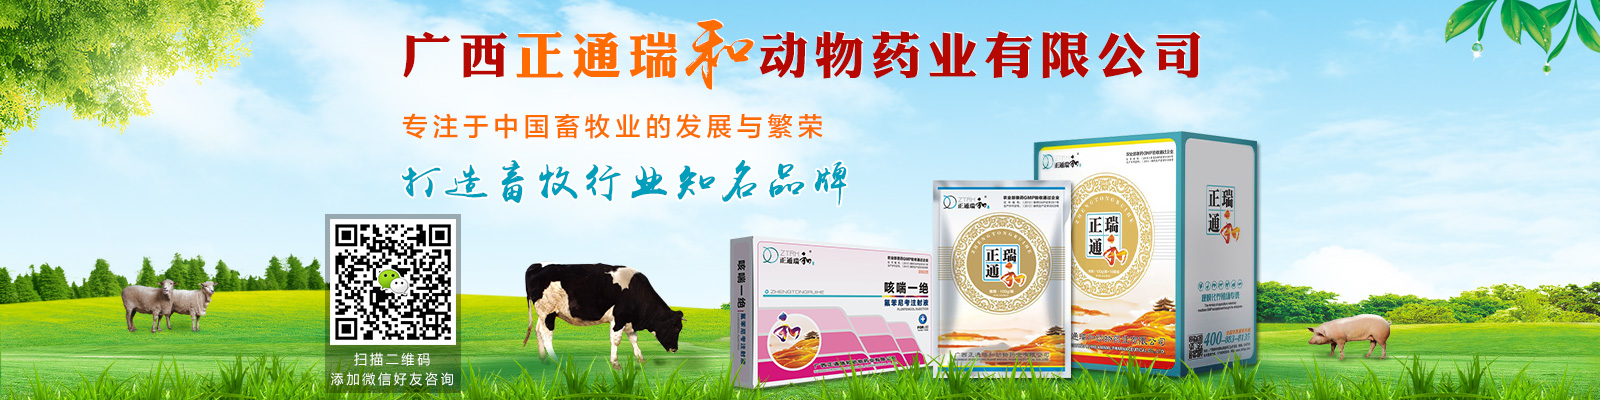 广西正通瑞和动物药业有限公司